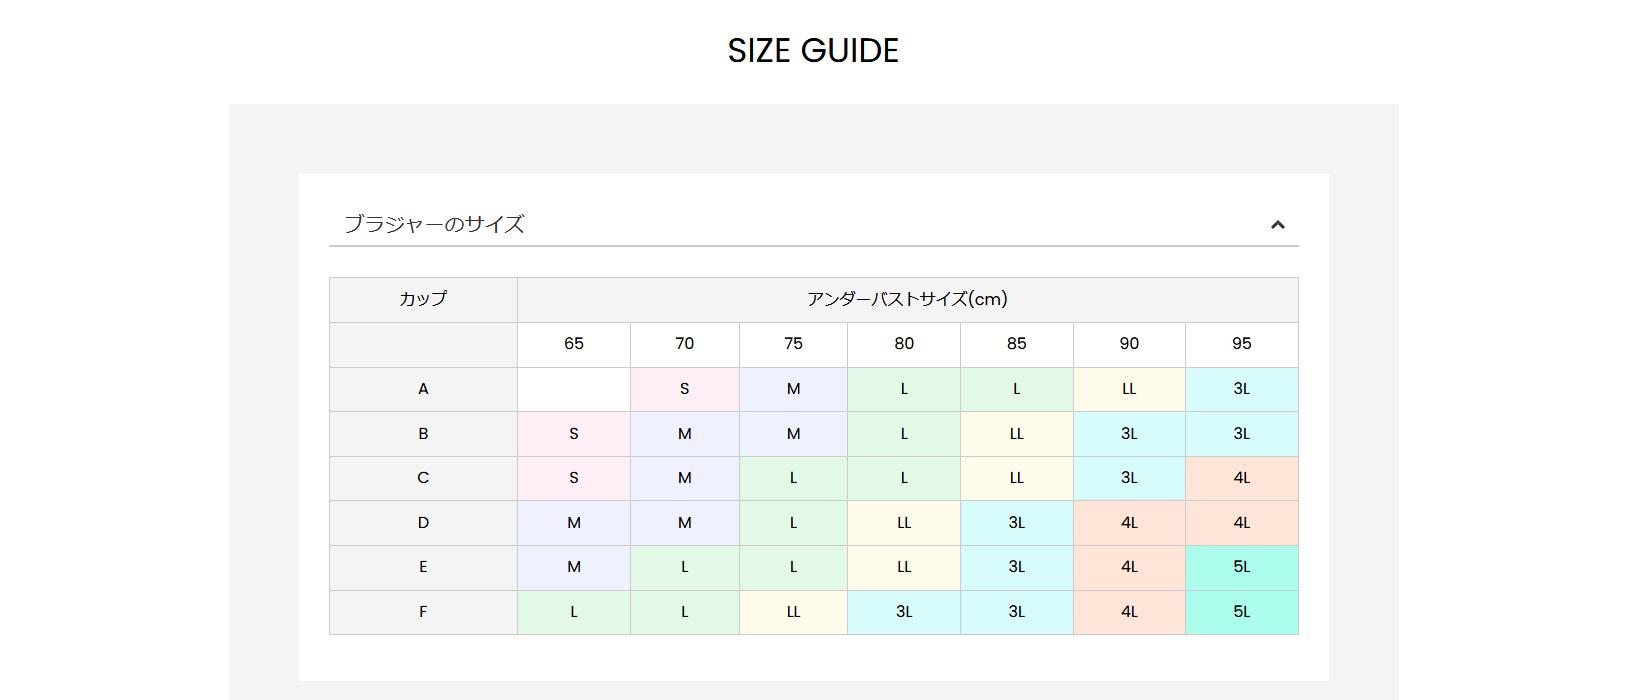 スロギーサイズ